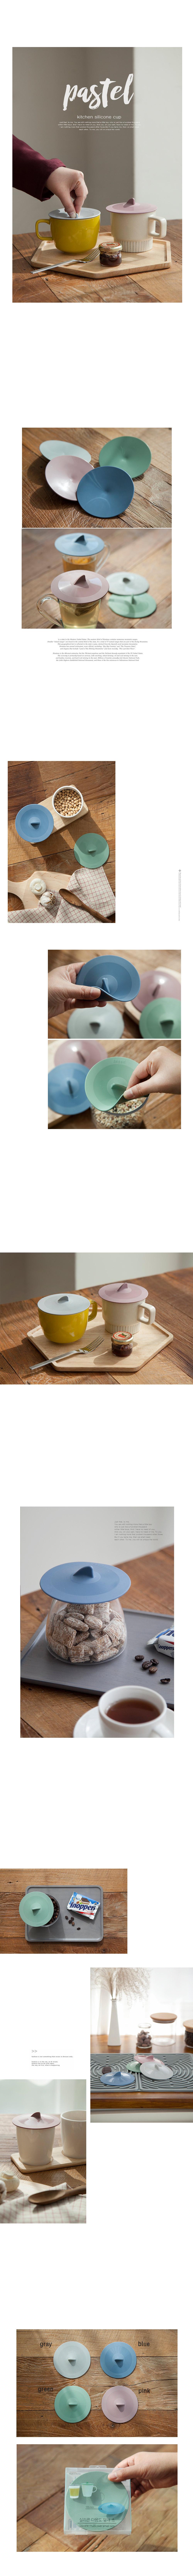 파스텔 실리콘 다용도덮개(4color)annahouse - 안나하우스, 4,000원, 컵받침/뚜껑/홀더, 컵뚜껑